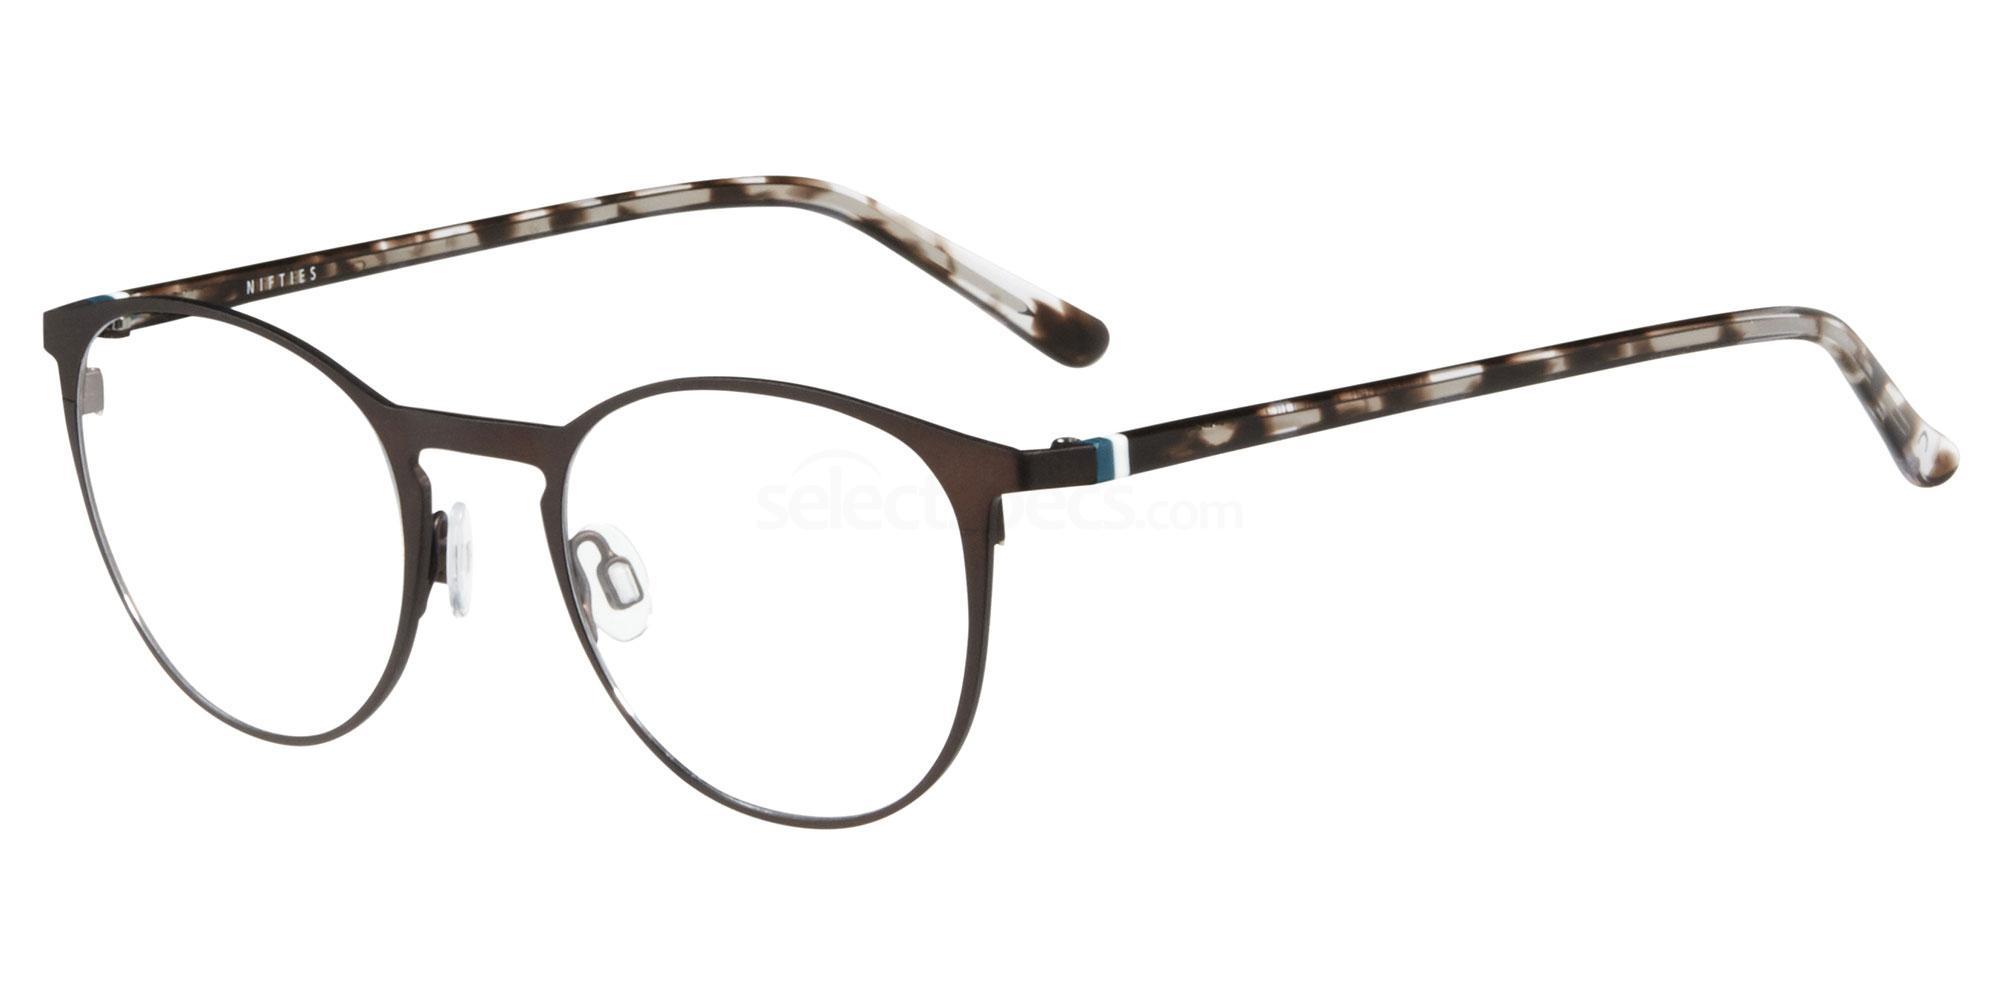 5031 NI8474 Glasses, Nifties